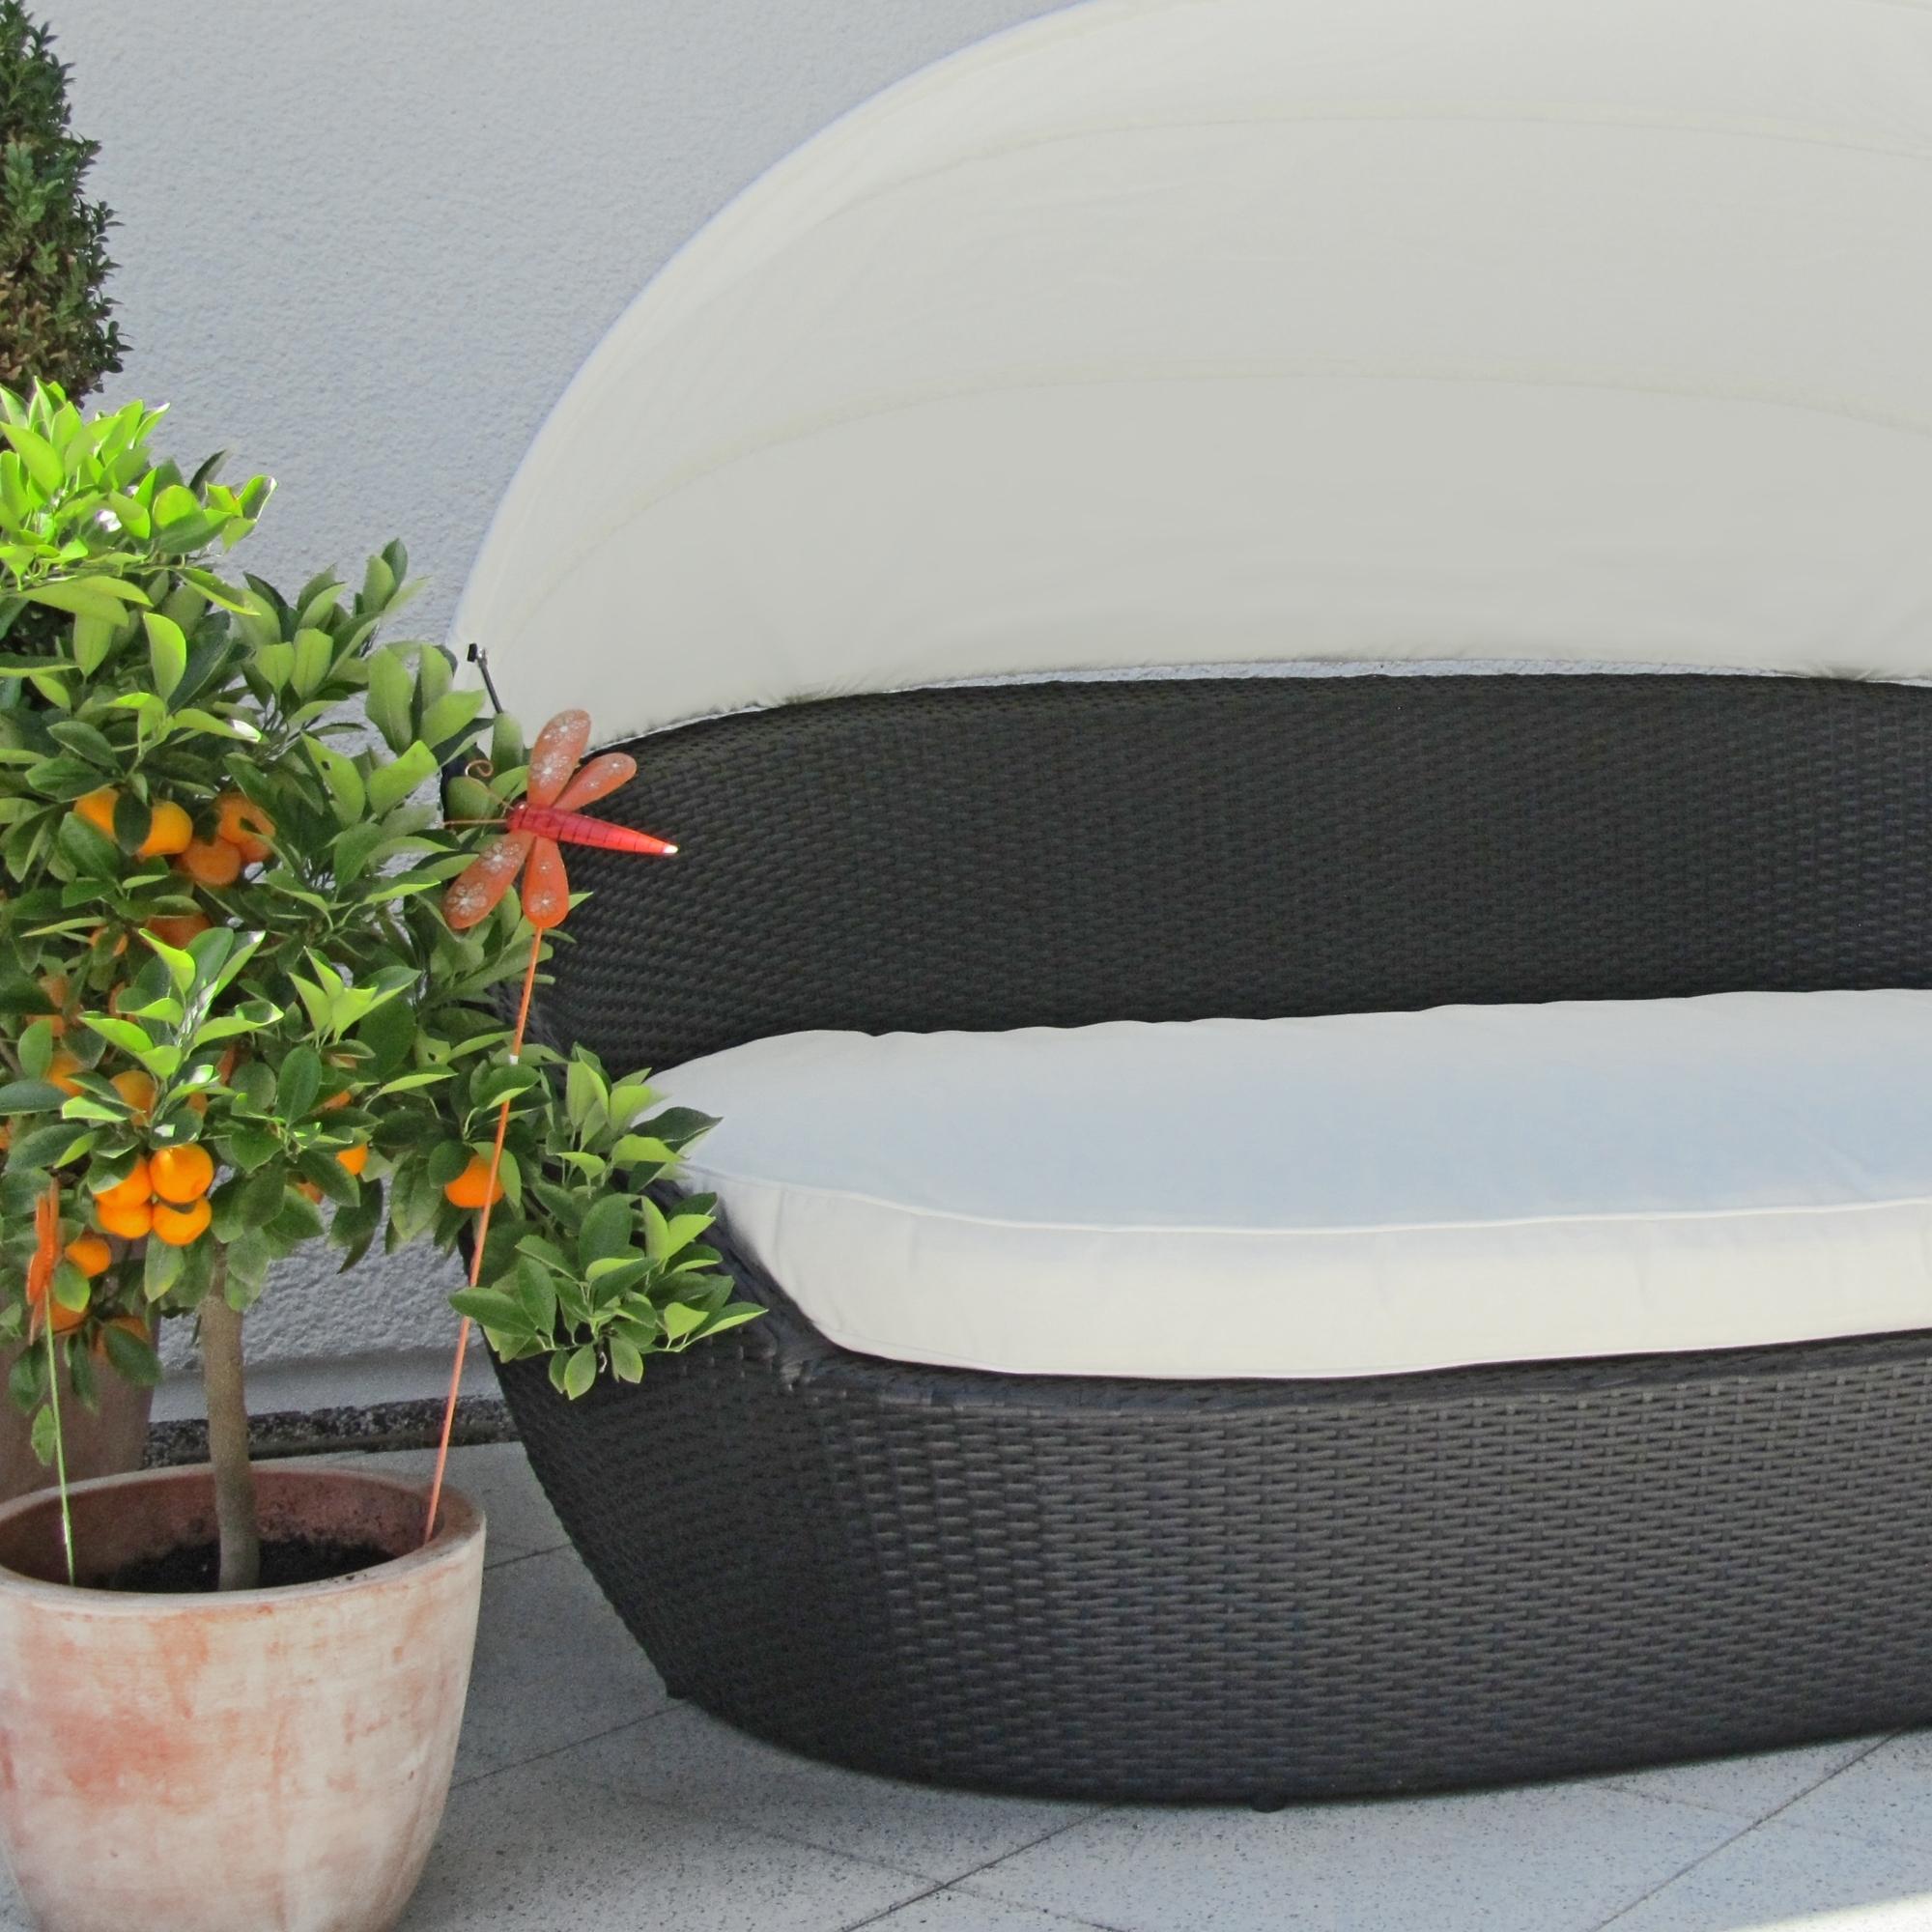 Gartenmobel Laufenburg Deutschland : Sonneninsel, Polyrattan Garten Lounge, ChillOut Sofa mit Baldachin